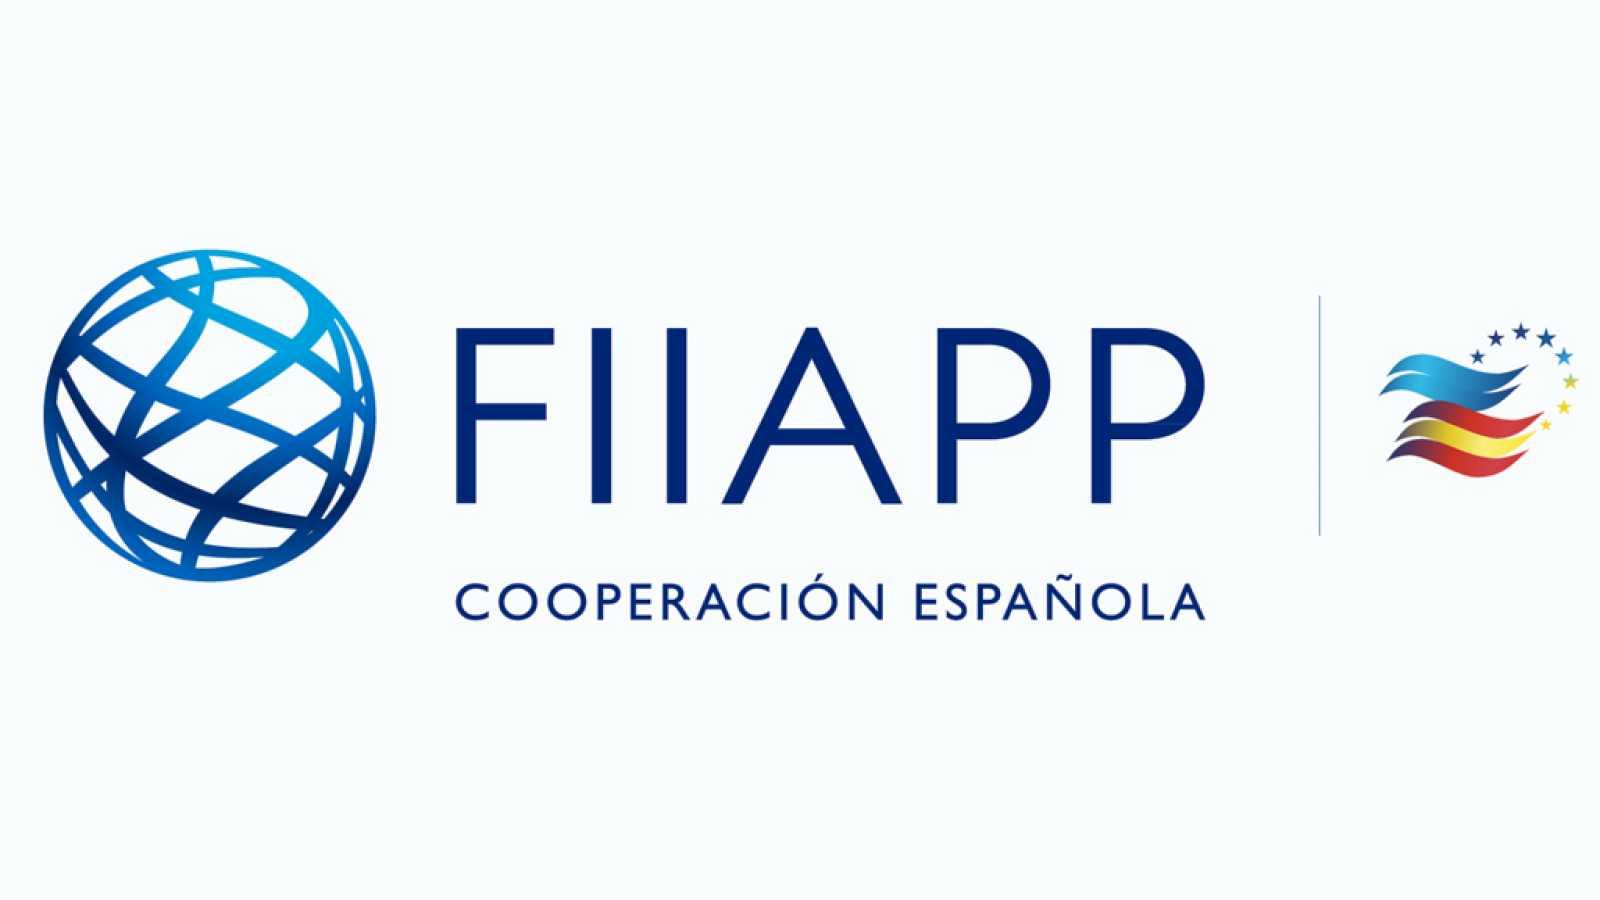 Cooperación pública en el mundo - Fiscalías contra la corrupción y la trata de personas - 06/10/21 - escuchar ahora